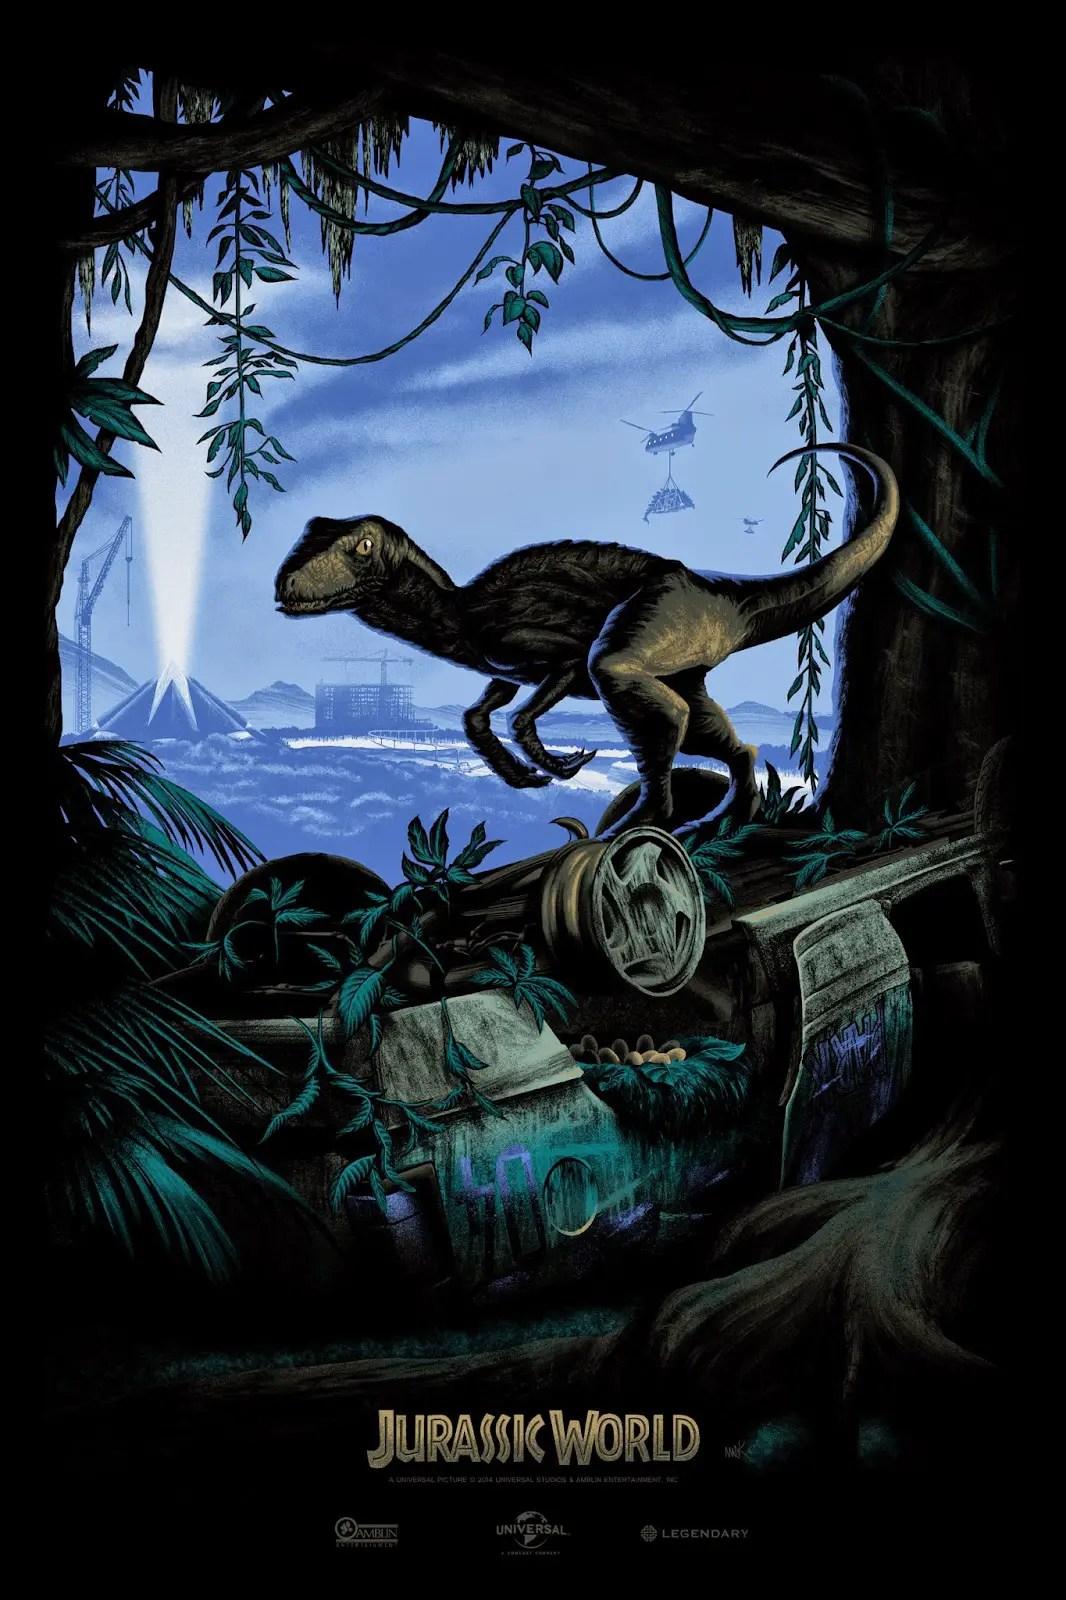 Jurassic World Teaser Poster Variant